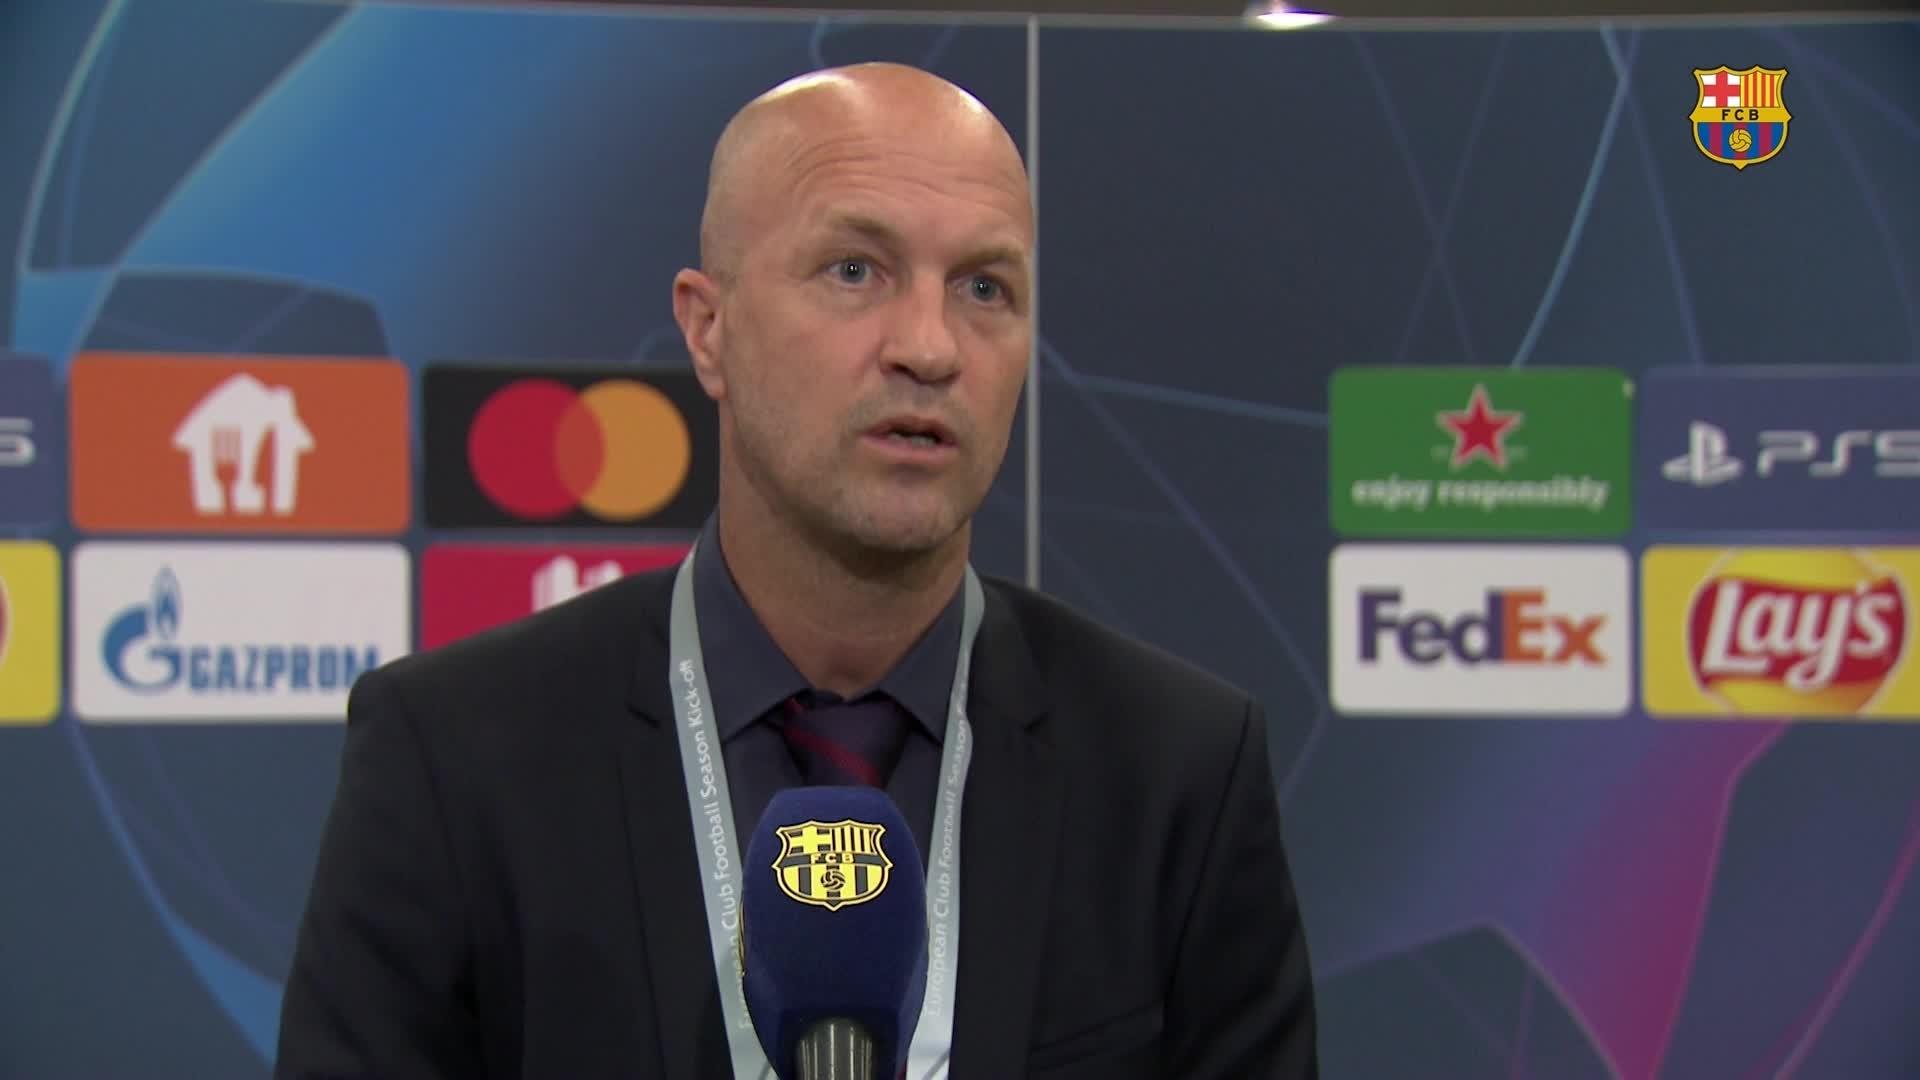 Йорди Кройфф дал комментарий по поводу результатов жеребьёвки для «Барселоны» в Лиге чемпионов